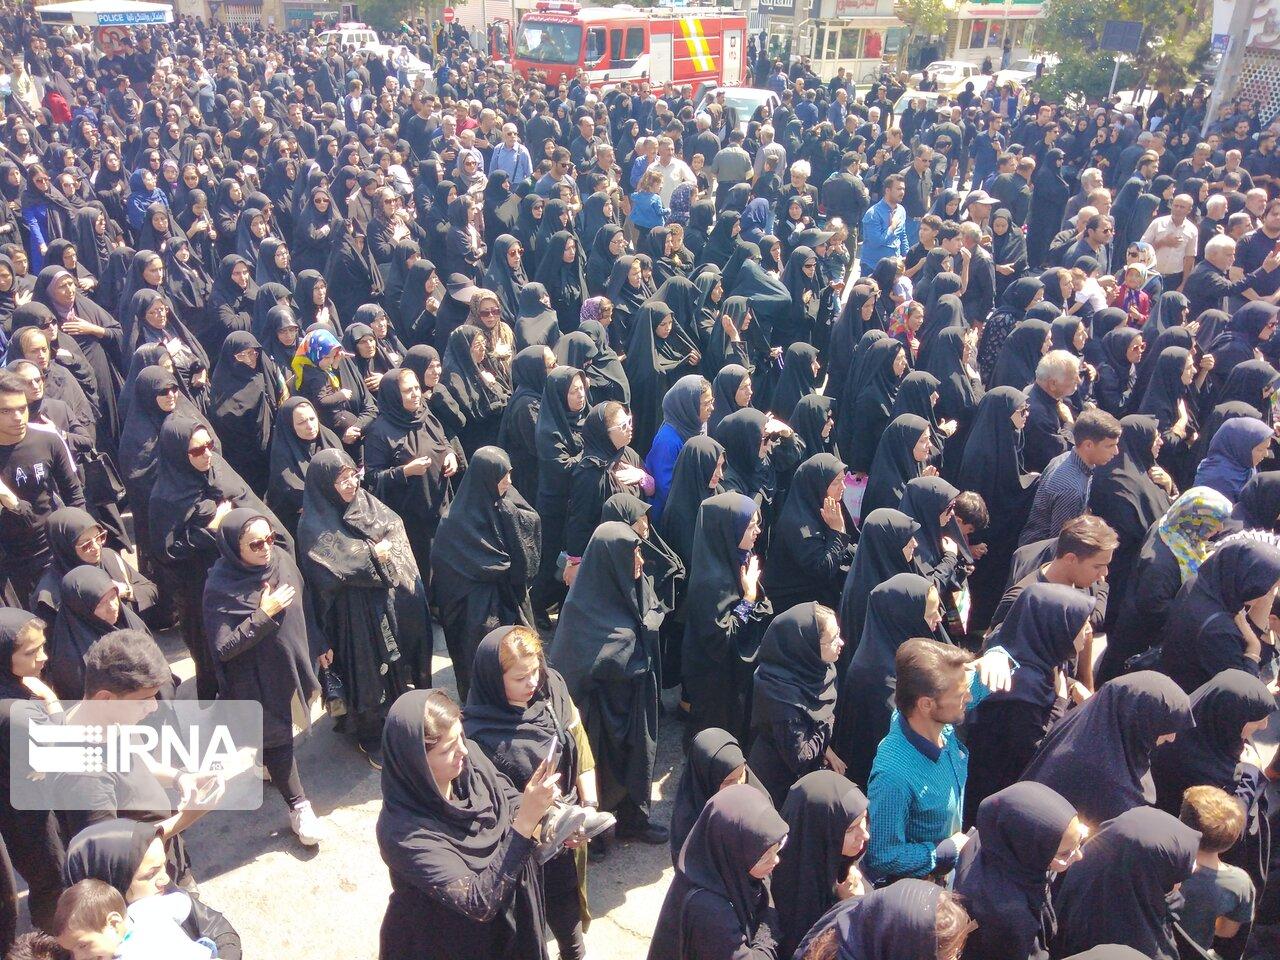 تجمع بزرگ رهروان زینبی در سبزوار برگزار شد